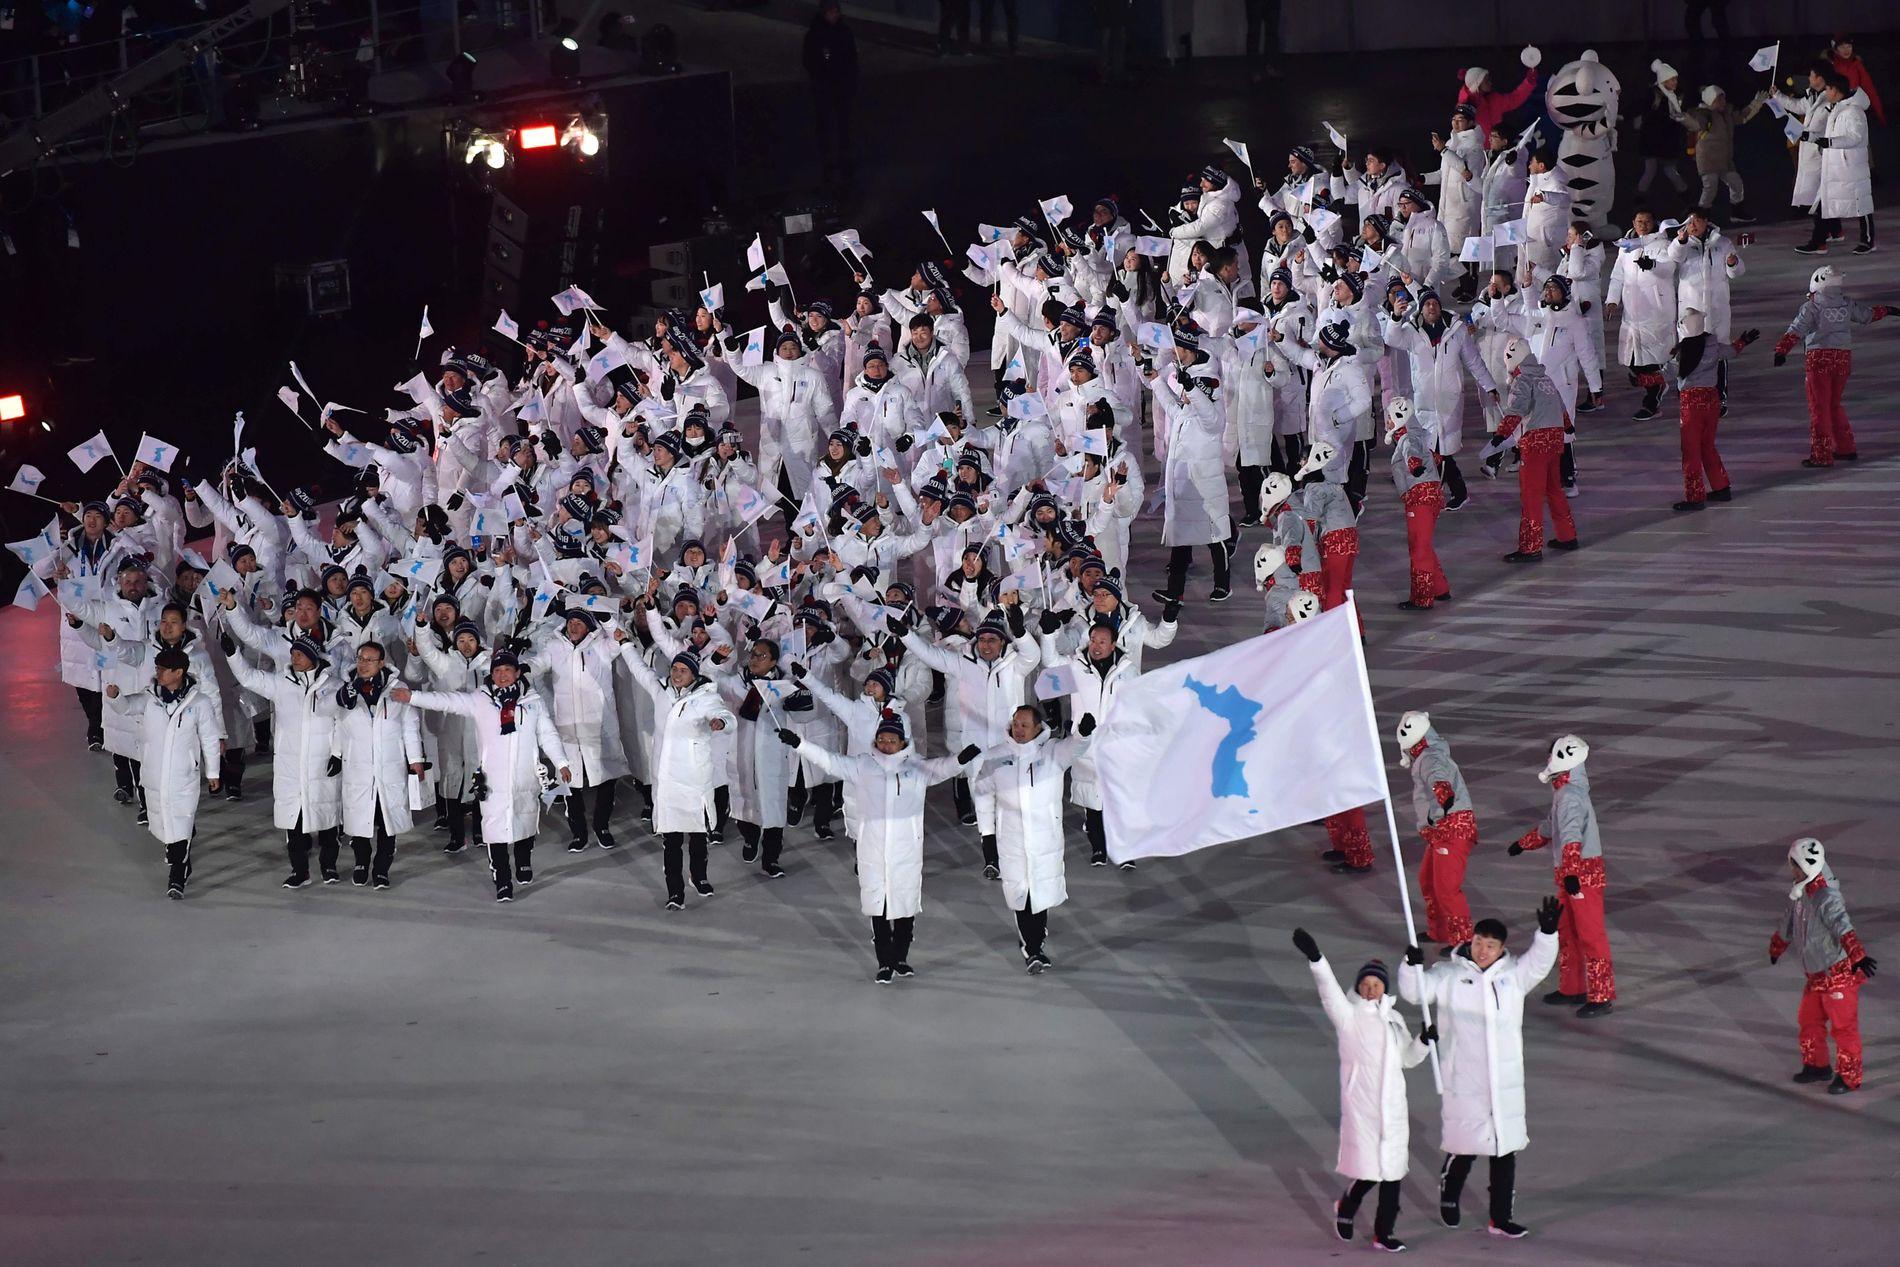 SAMMEN INN: Utøvere fra nord og sør marsjerte sammen inn – under felles flagg- under OLs åpningsseremoni.